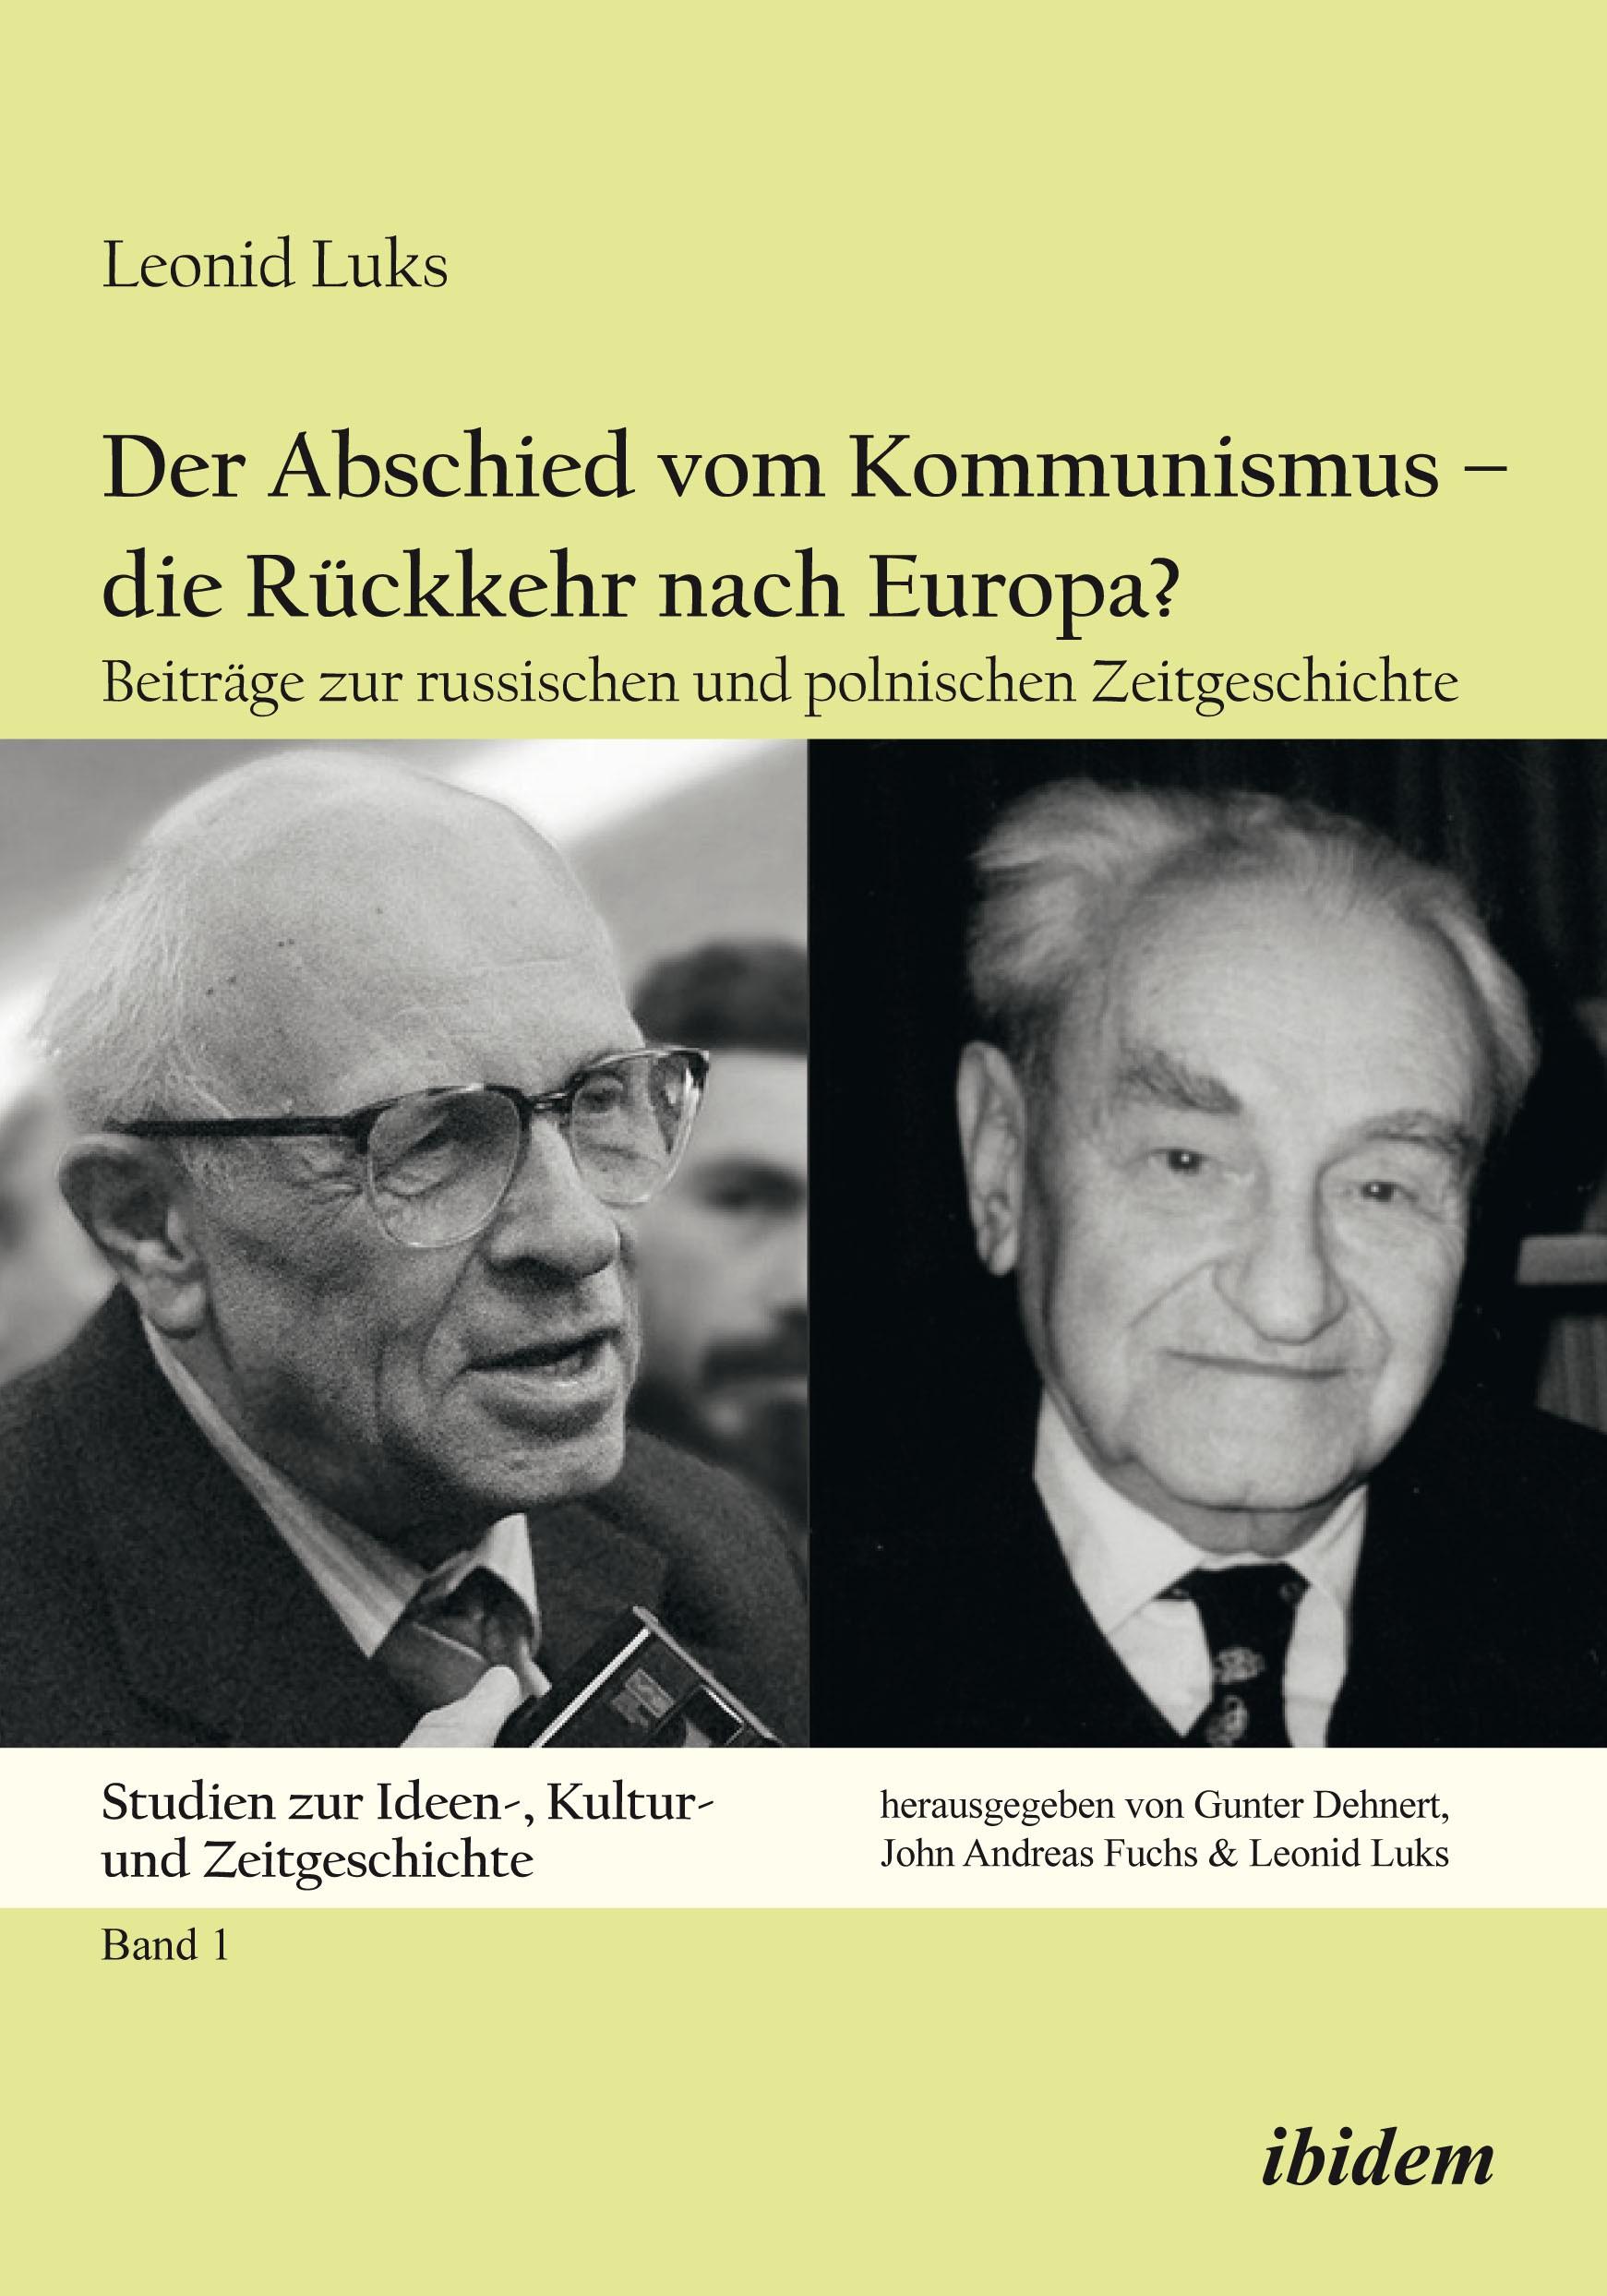 Der Abschied vom Kommunismus – die Rückkehr nach Europa?